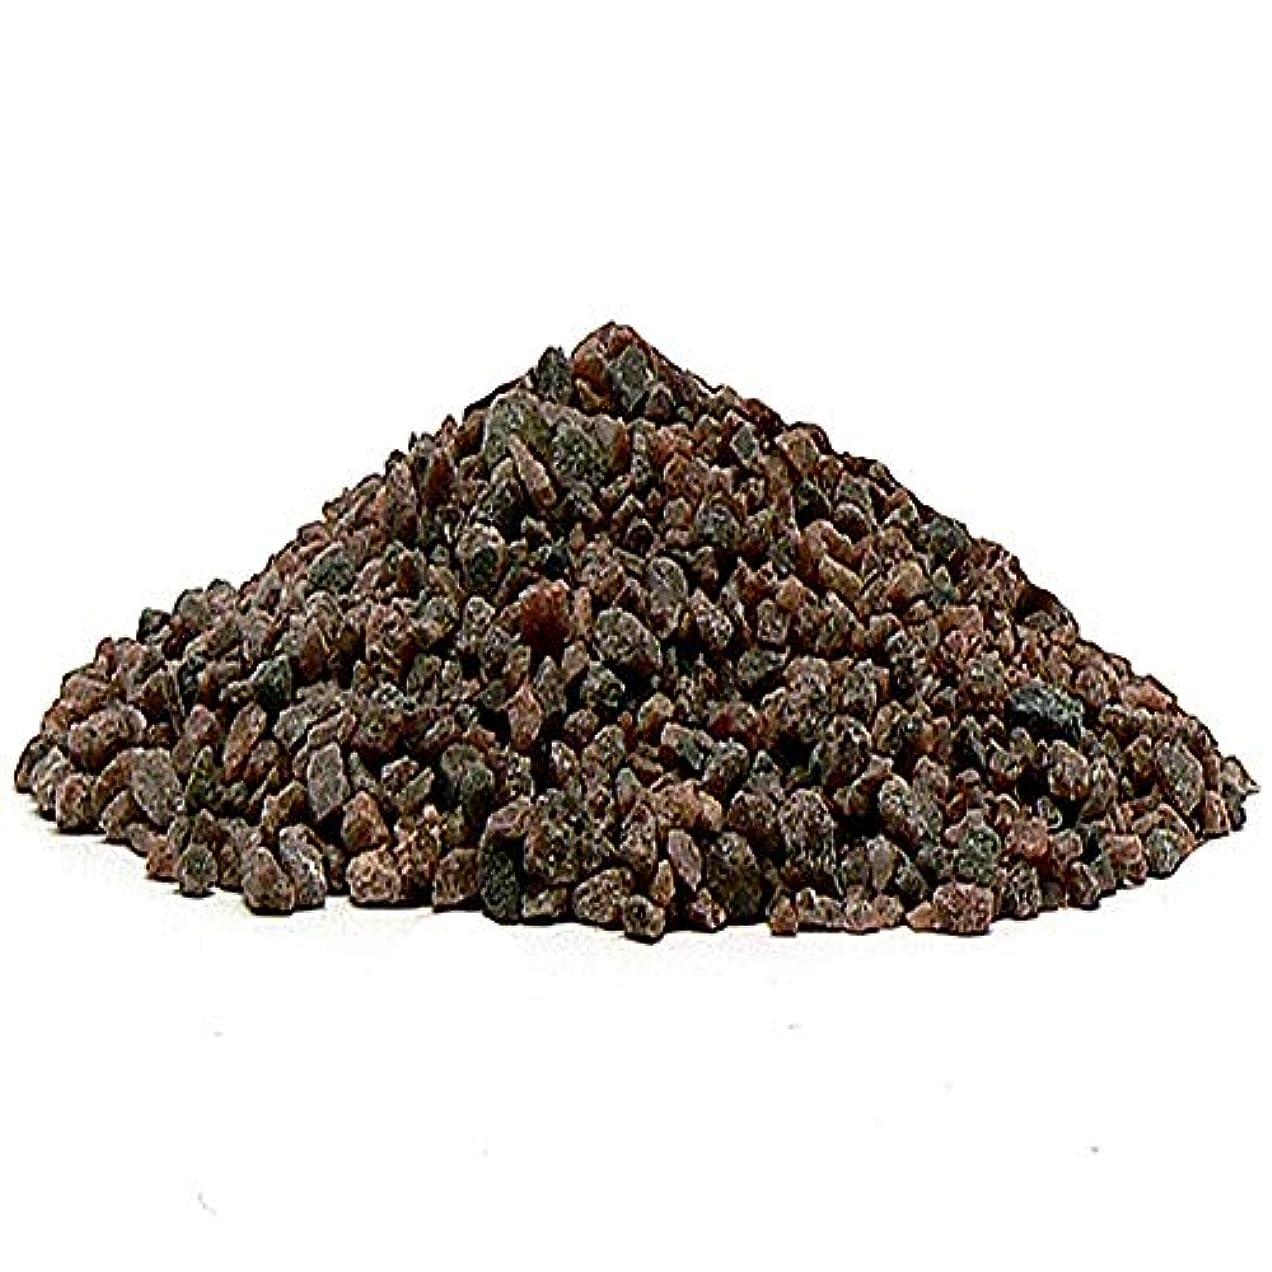 急性アリーナ全部増量中! ヒマラヤ岩塩 ブラックソルト 入浴用 バスソルト(小粒) 黒岩塩 (2kg+300g増量)